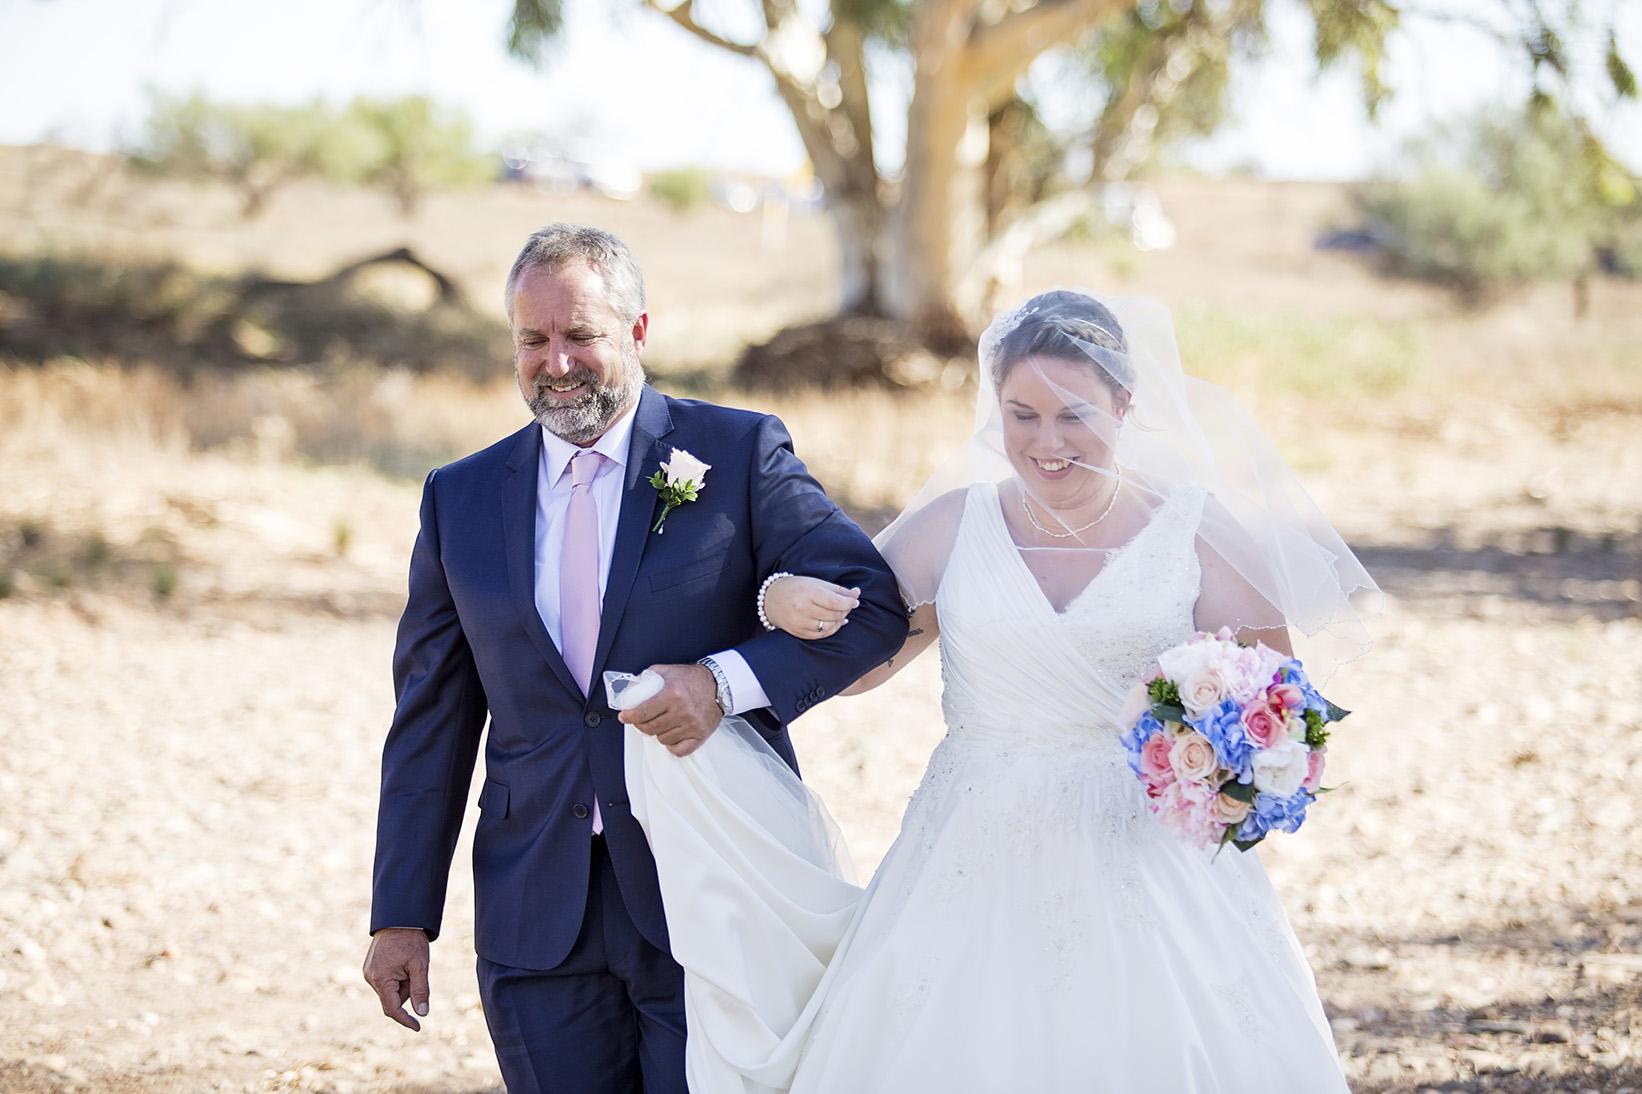 Flinders Ranges Outback Wedding 14.jpg